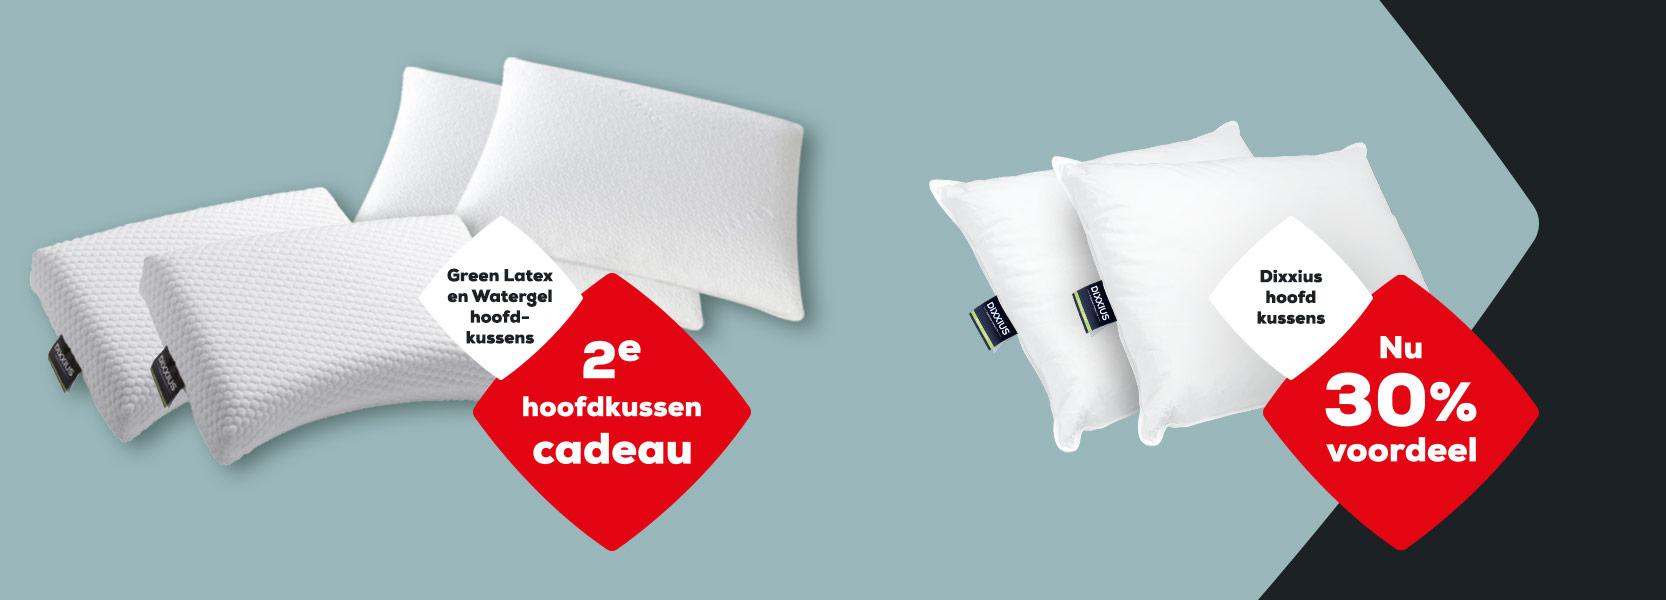 Lente Voordeel Hoofdkussens | Swiss Sense